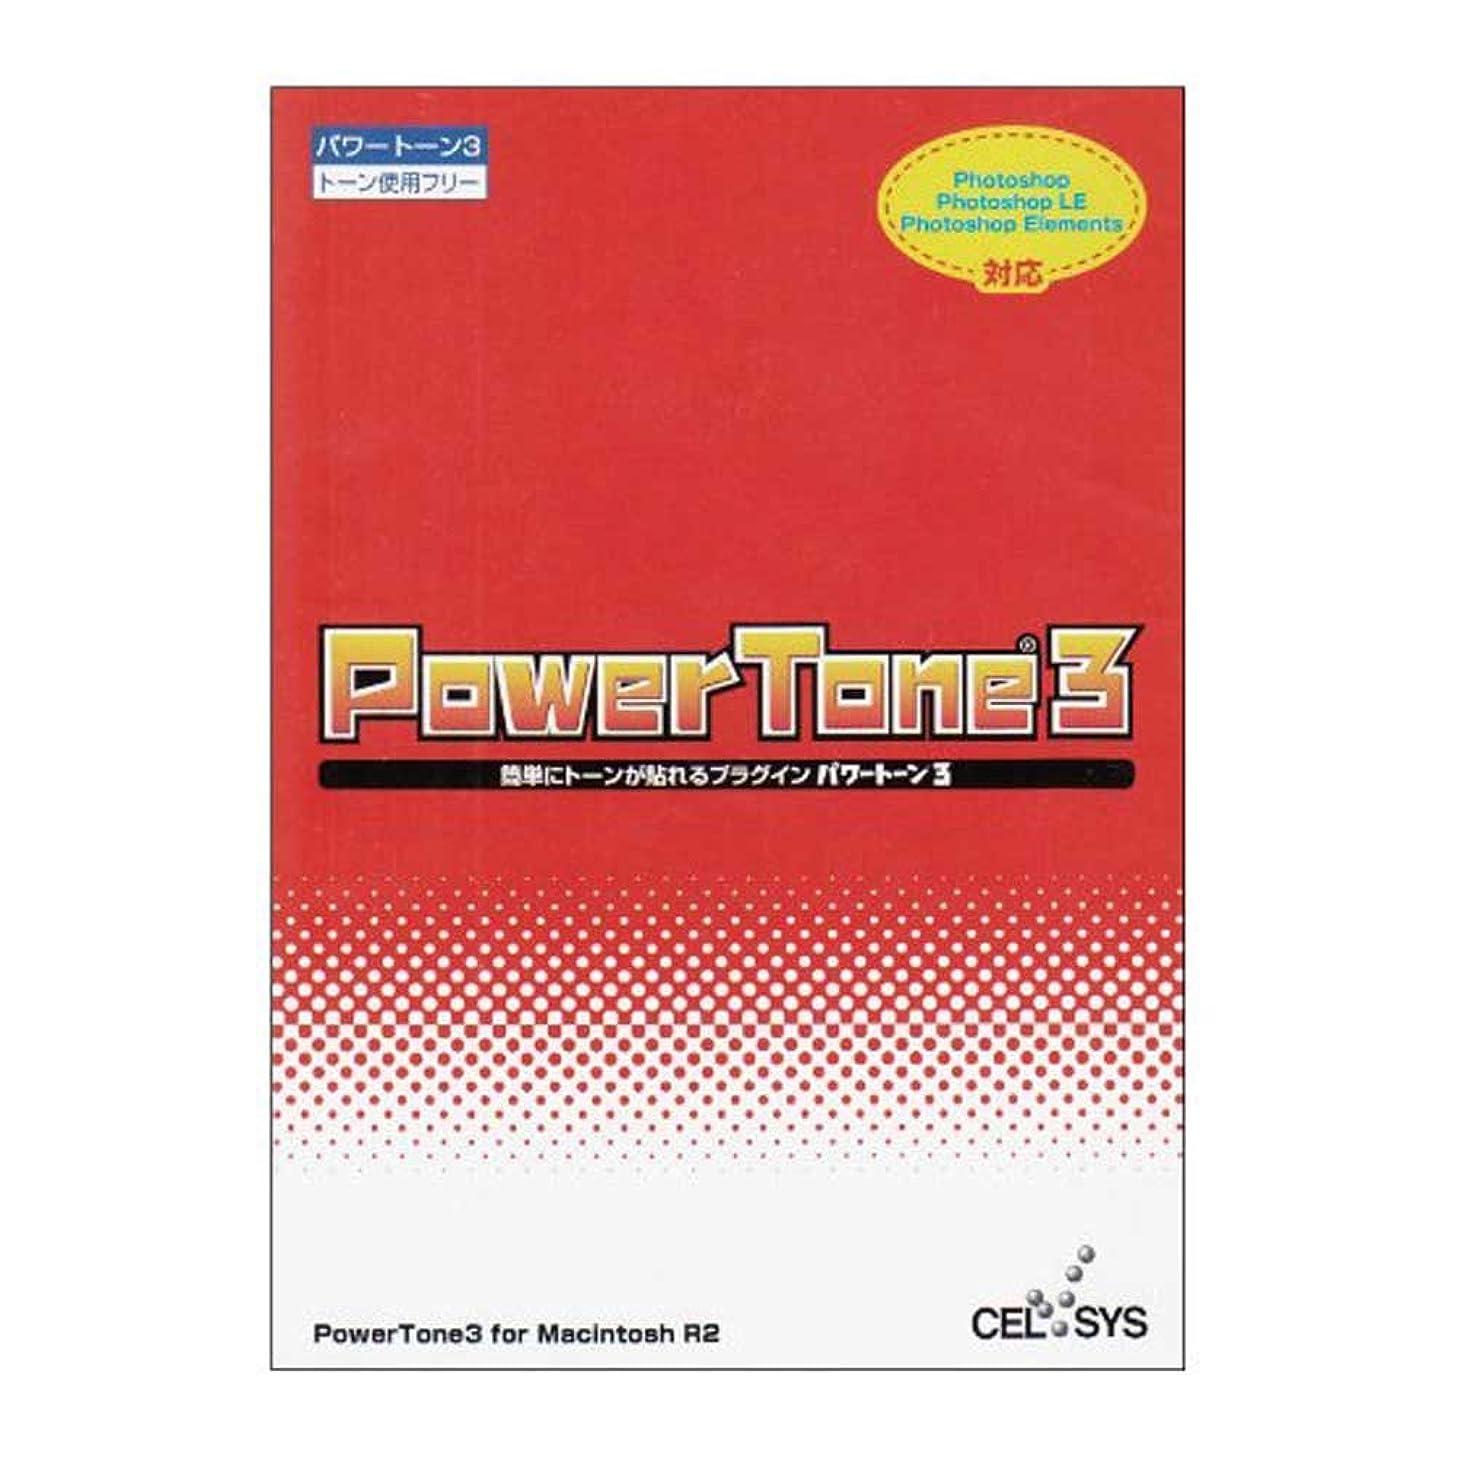 子孫姉妹透けて見えるセルシス POWER TONE 3 R2 for Macintosh